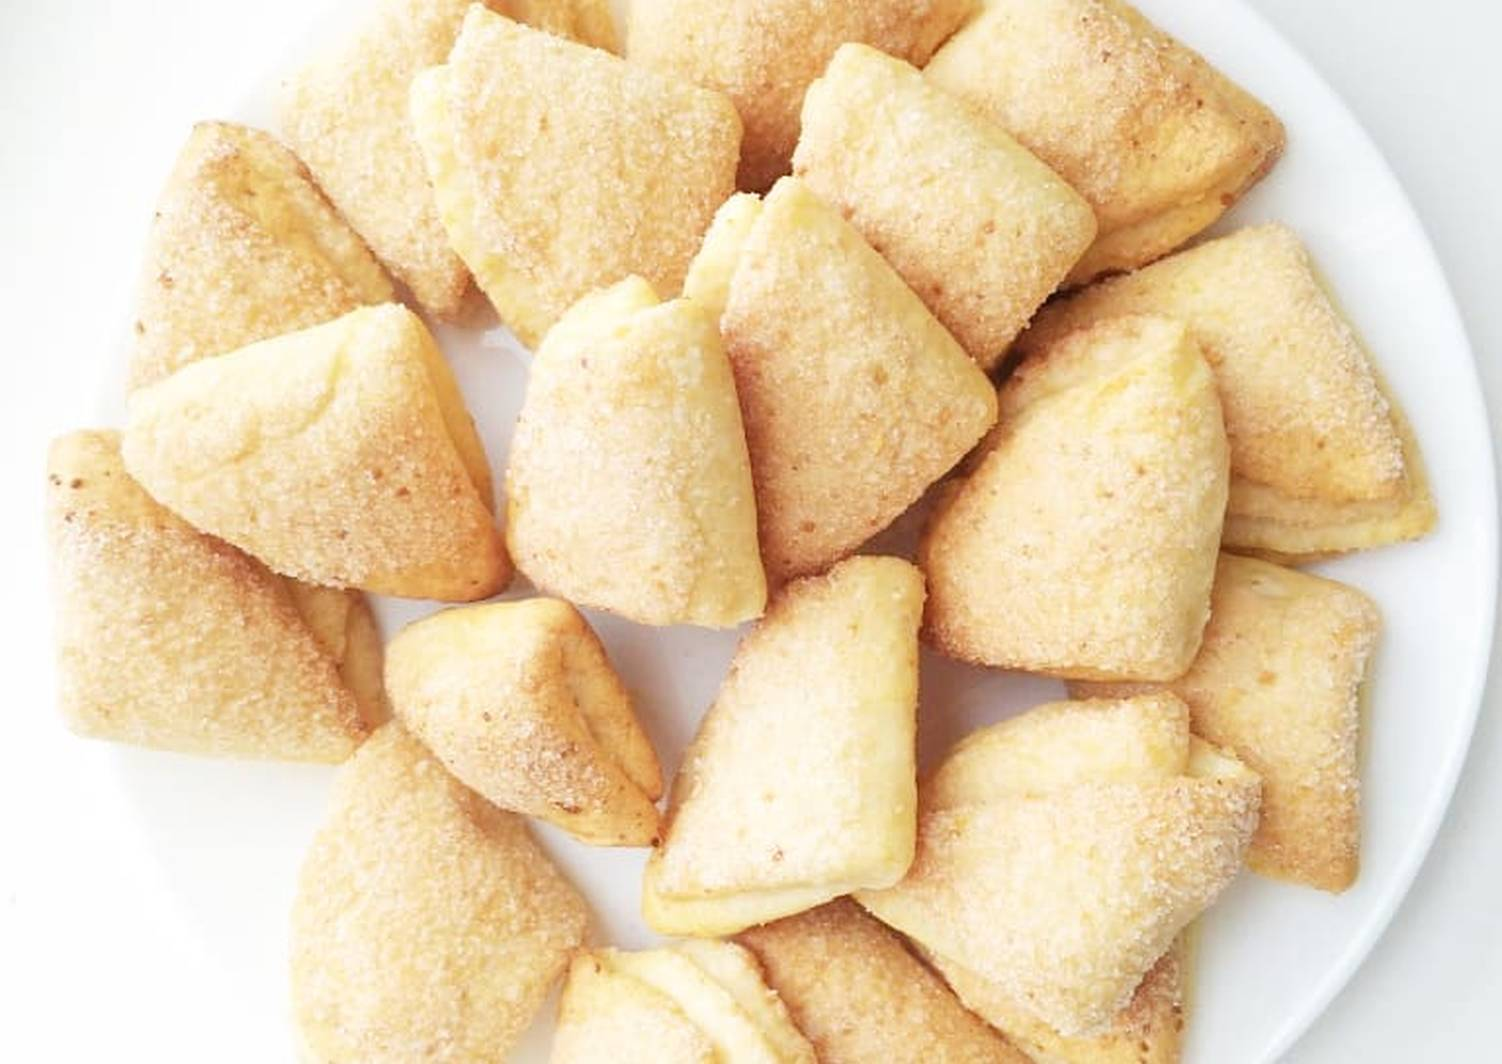 гармонично тесто для творожного печенья рецепт с фото отцовской линии москвичка